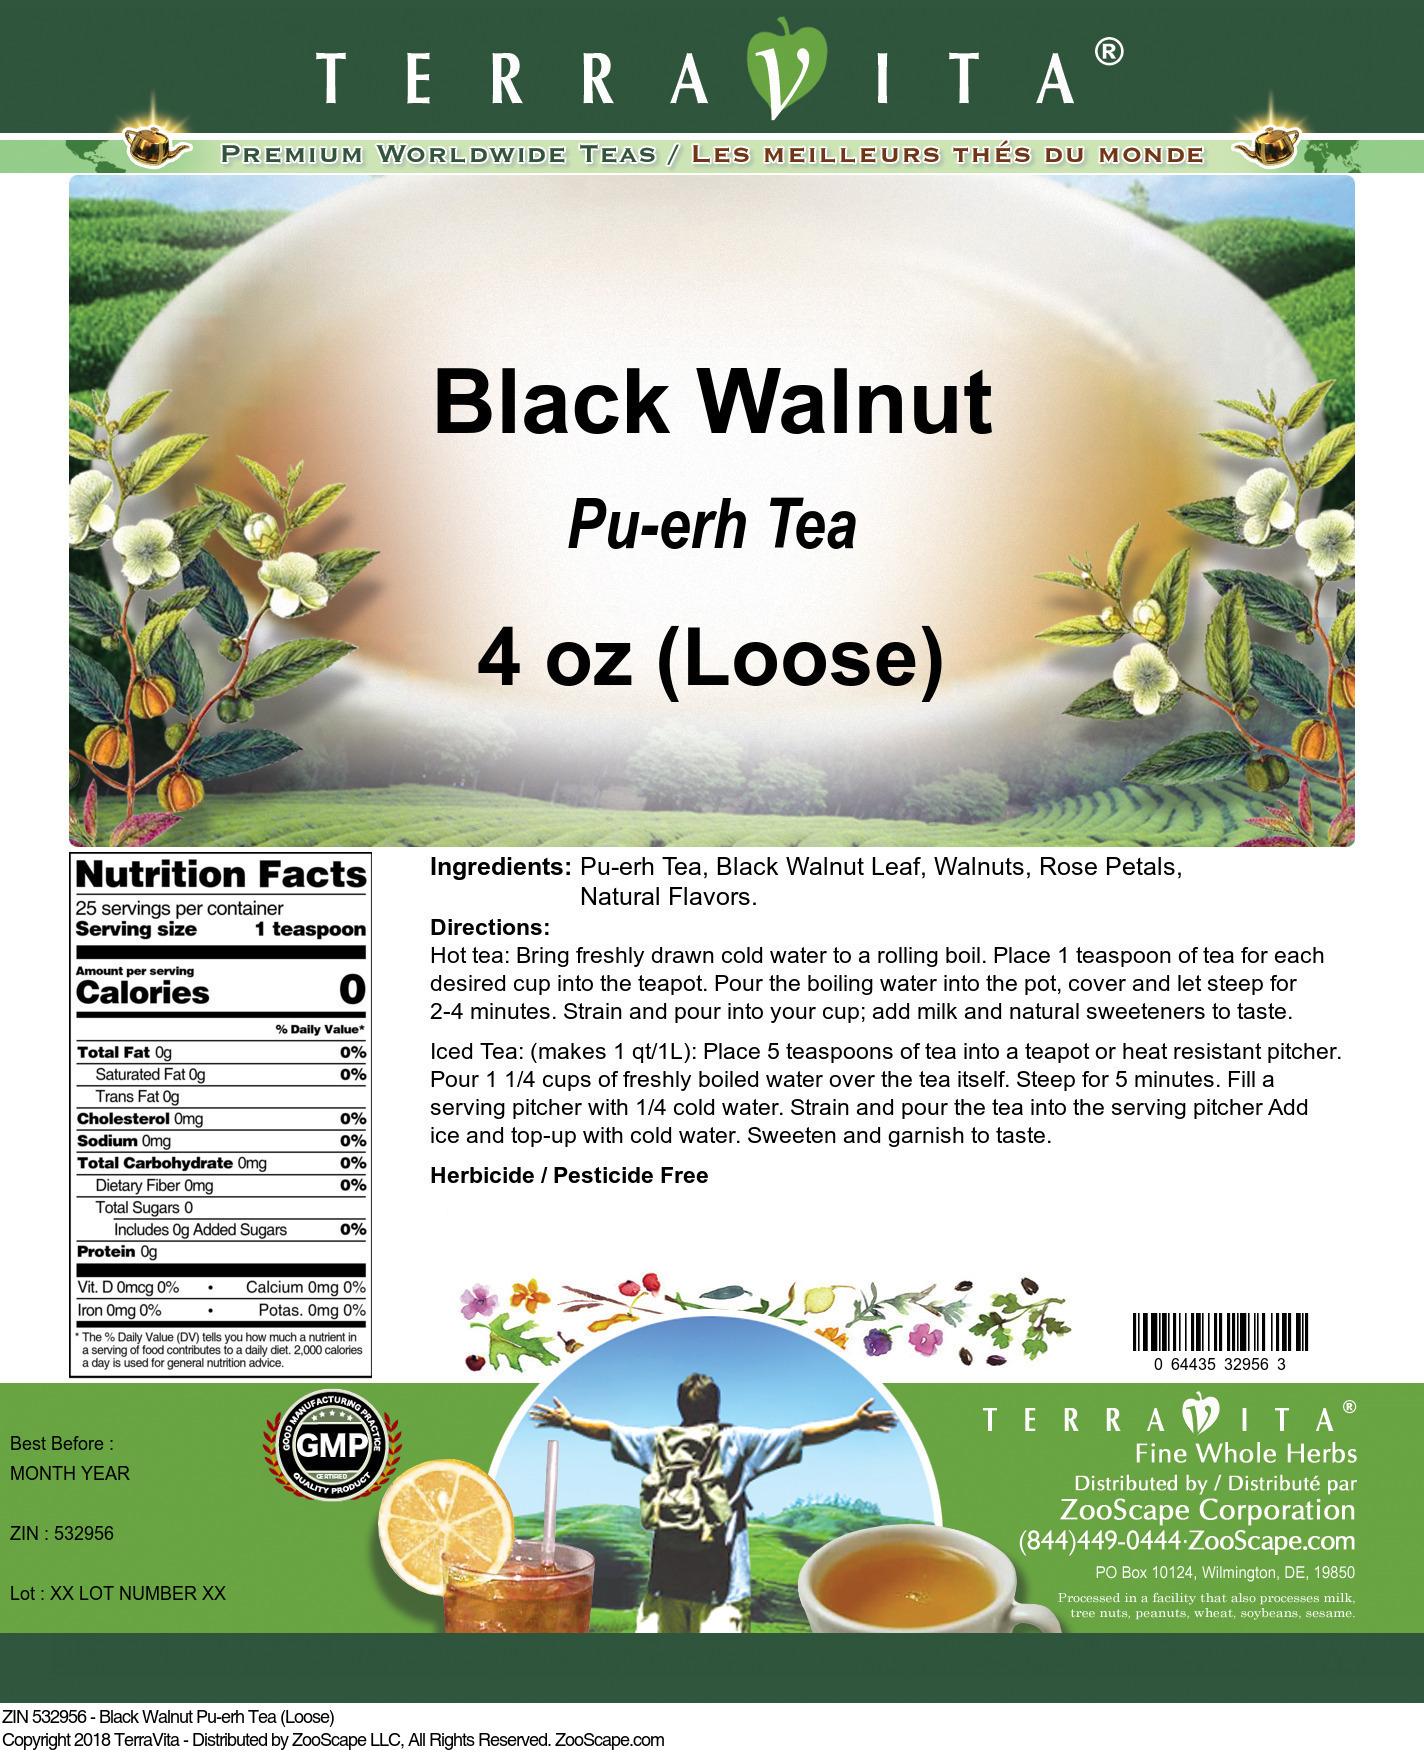 Black Walnut Pu-erh Tea (Loose)